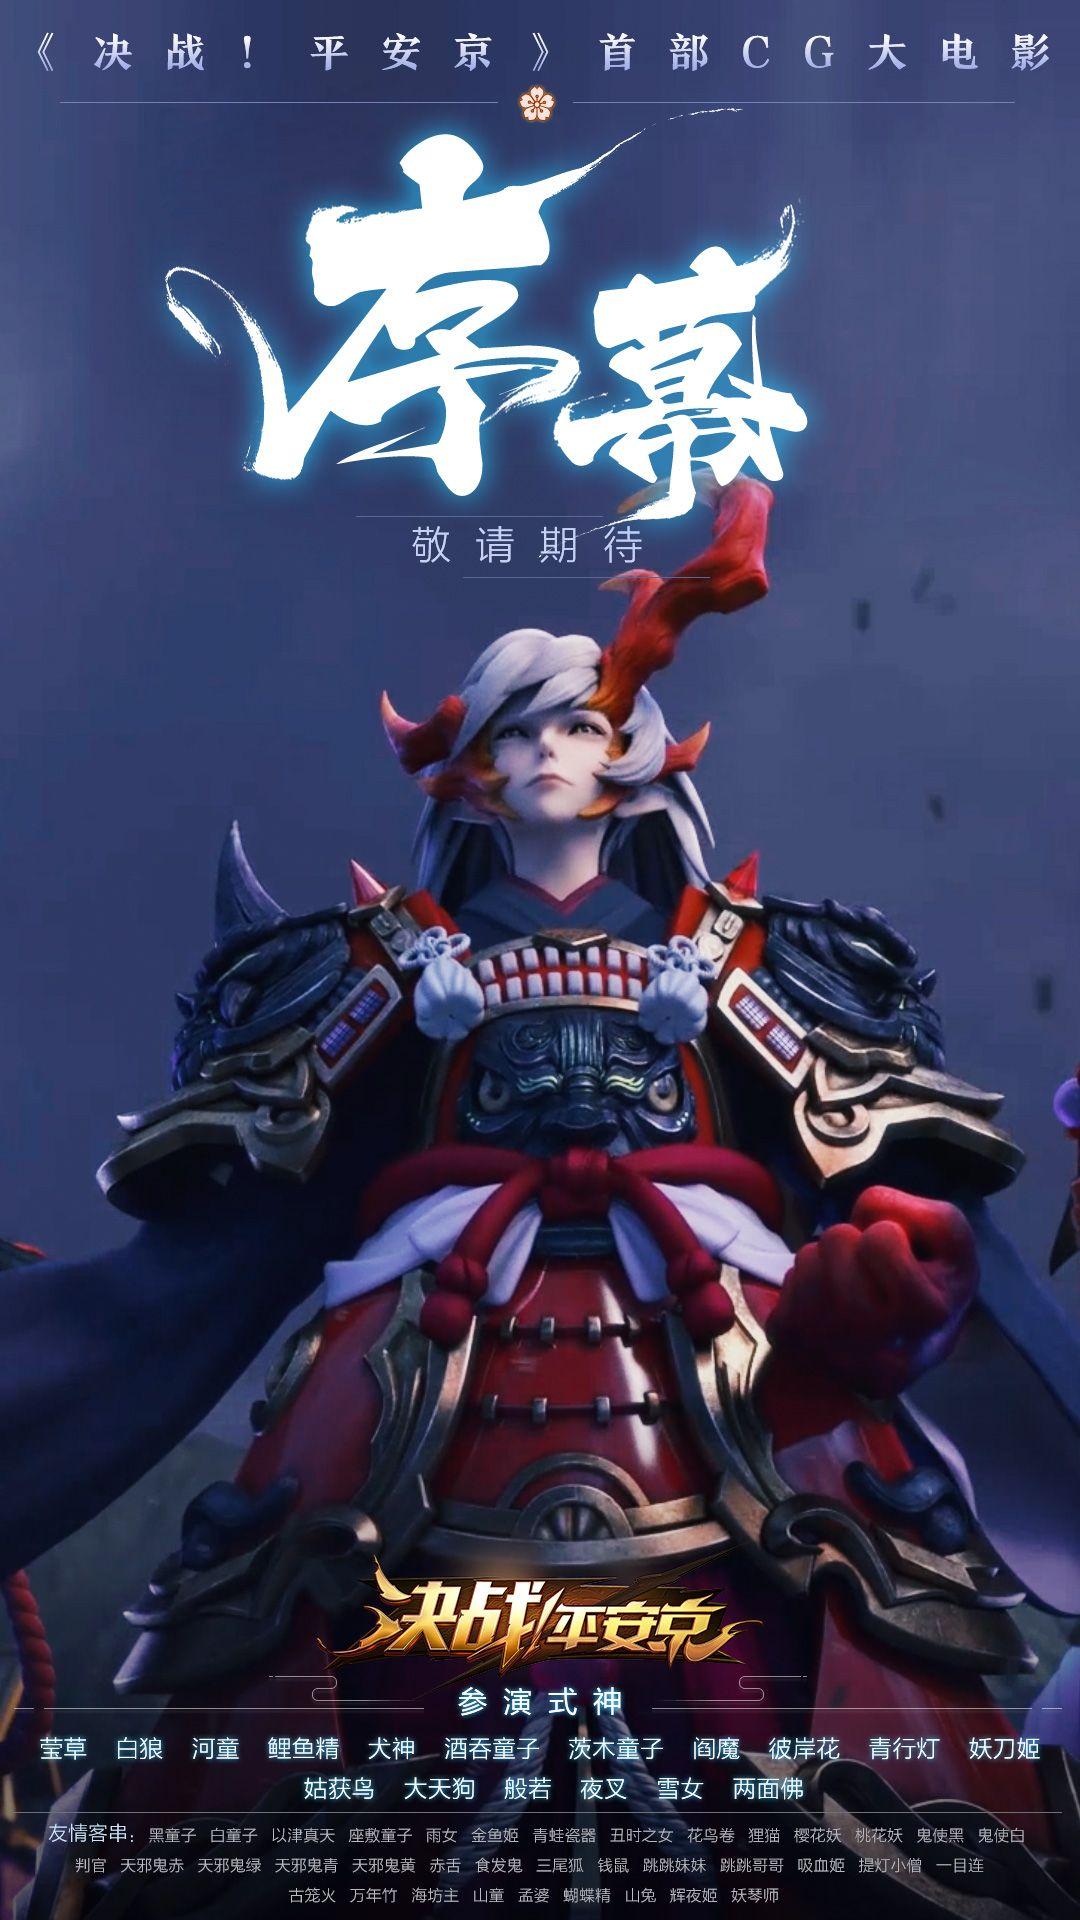 决战平安京首部CG《序幕》海报曝光[多图]图片1